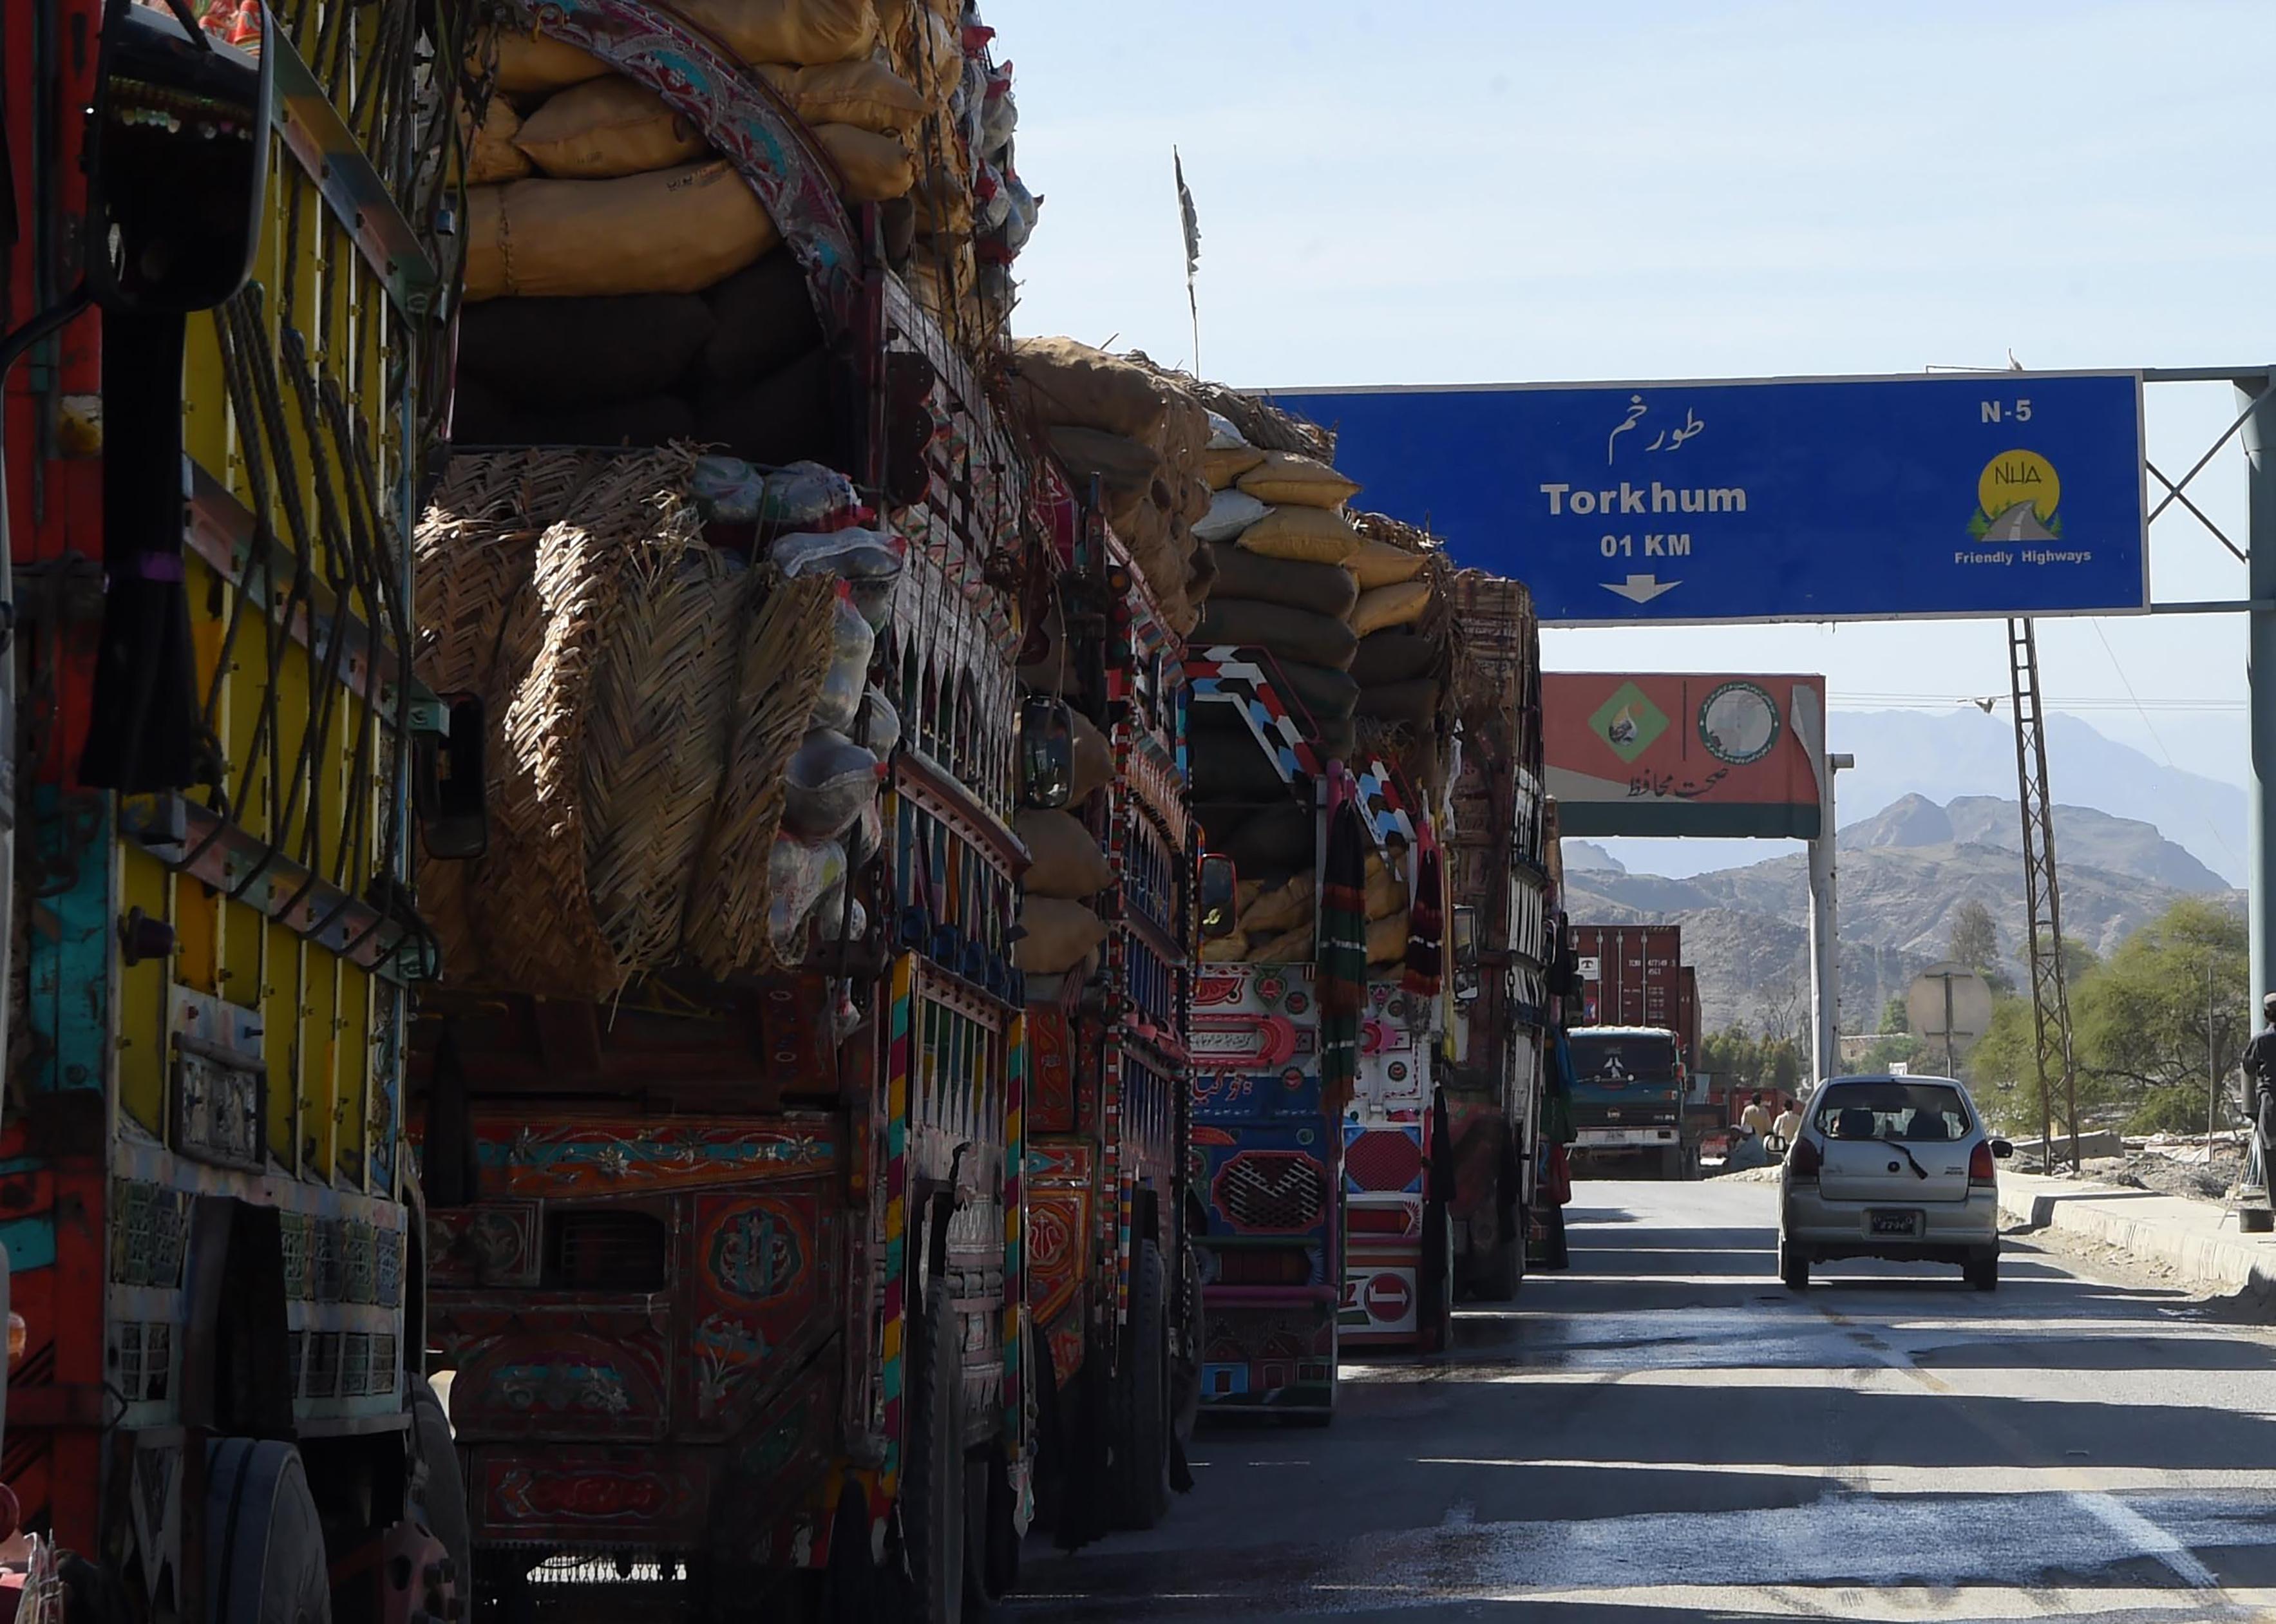 پاکستان و افغانستان قدم هایی را برای بهبود روابطشان برمی دارند